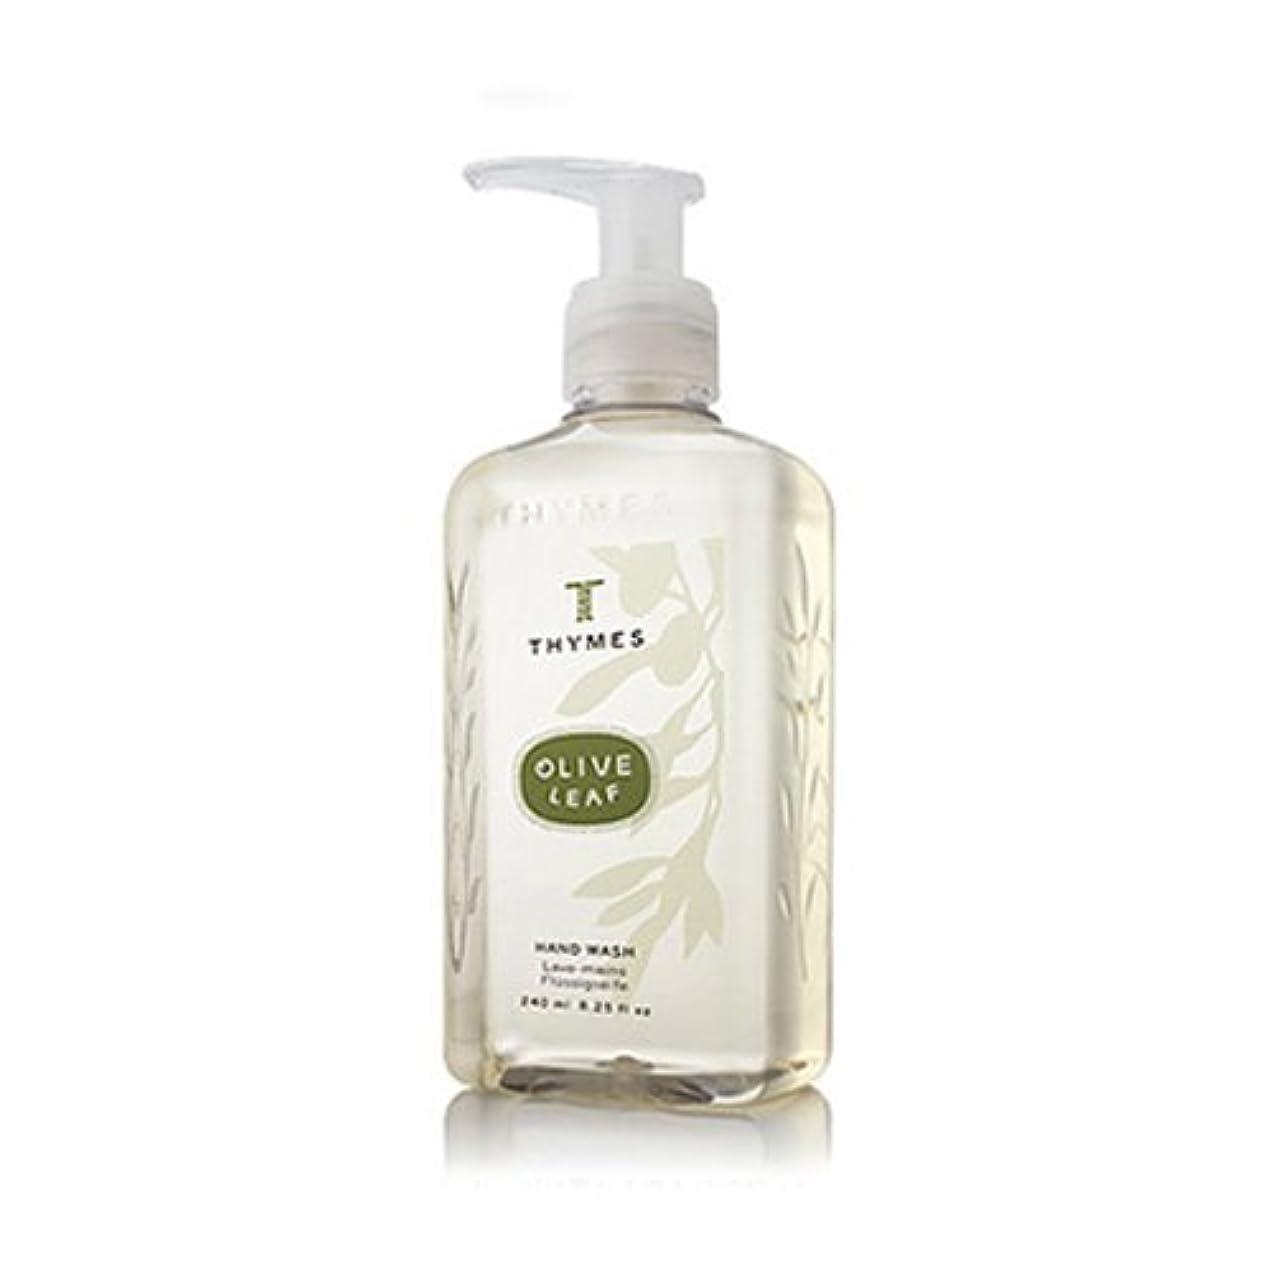 感謝するコース桁THYMES タイムズ ハンドウォッシュ 240ml オリーブリーフ Hand Wash 8.25 fl oz Olive Leaf [並行輸入品]